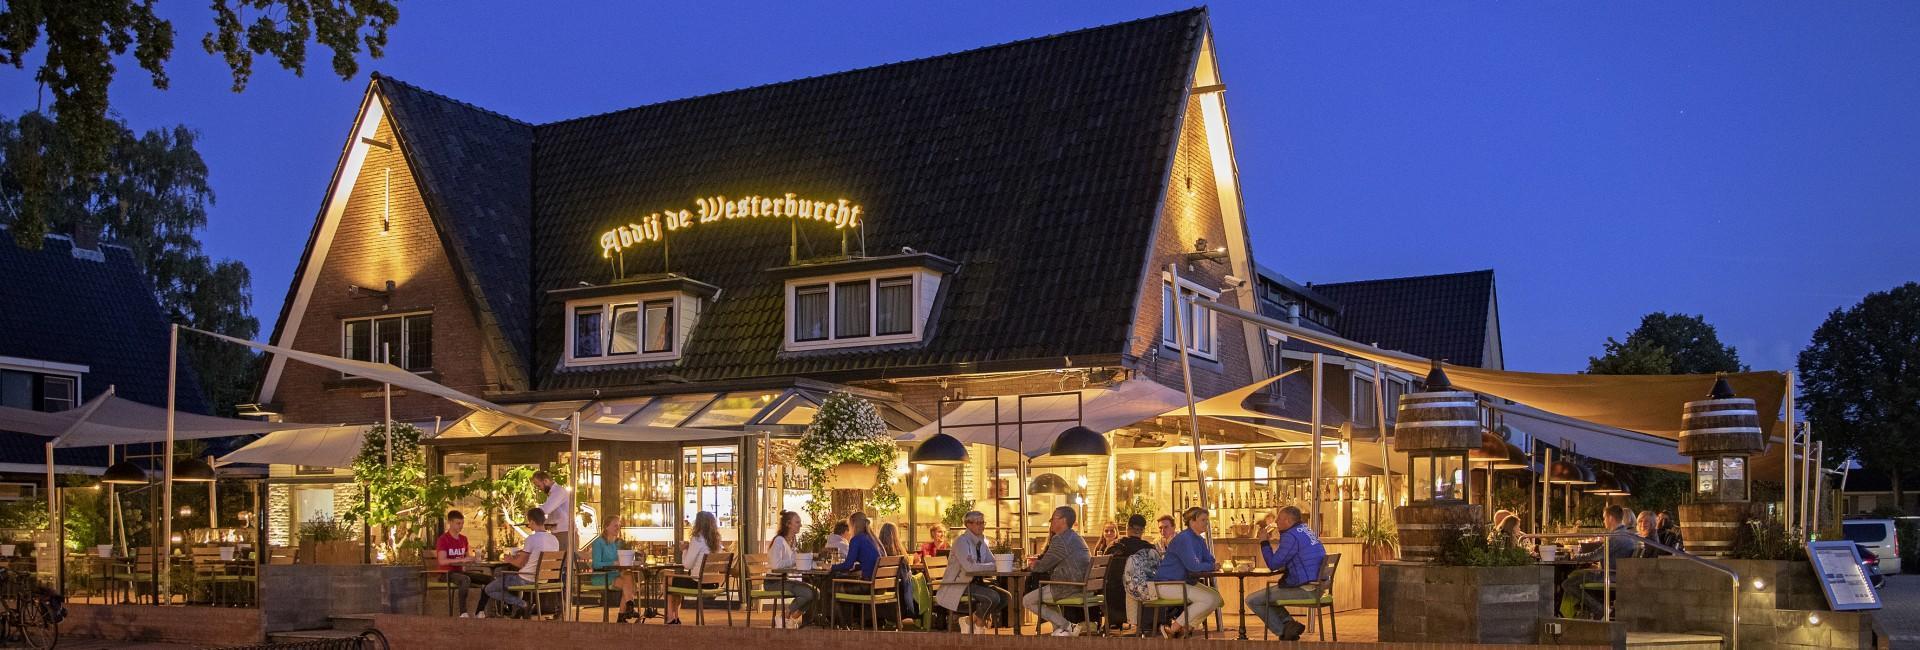 Hotel   Restaurant   Wellness   Terrasse   Tagungen   Festlichkeiten